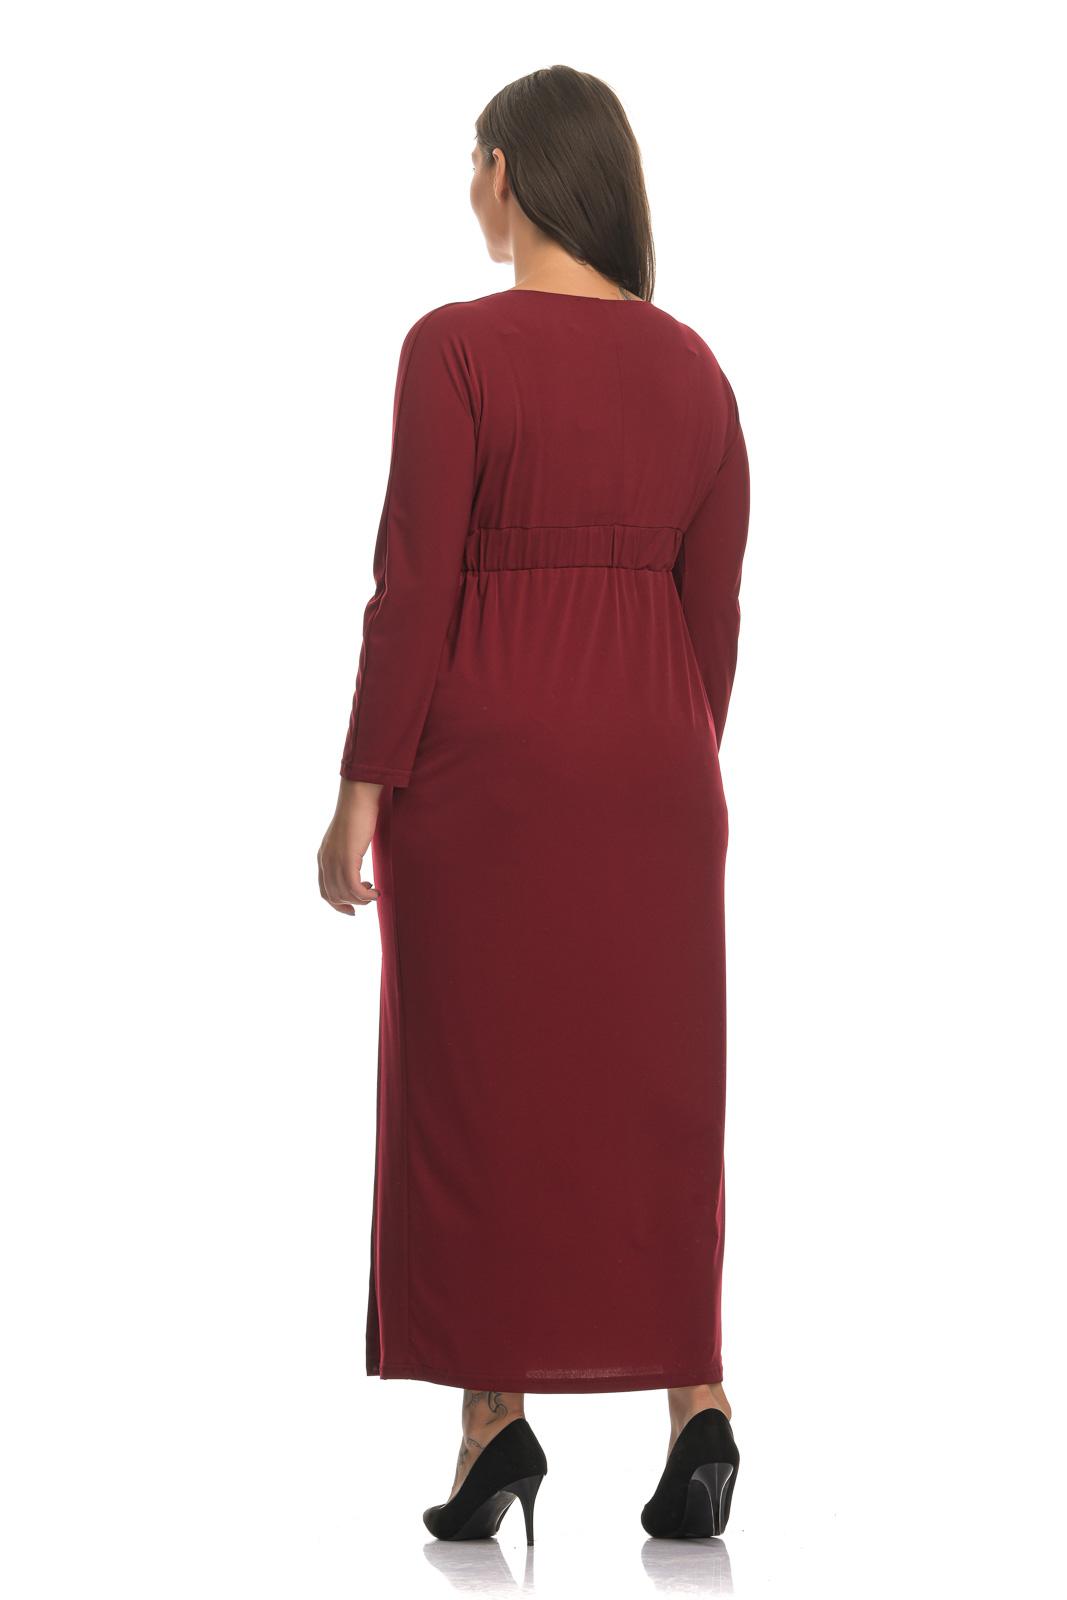 Φόρεμα μπορντώ με V και σκίσιμο στο τελείωμα